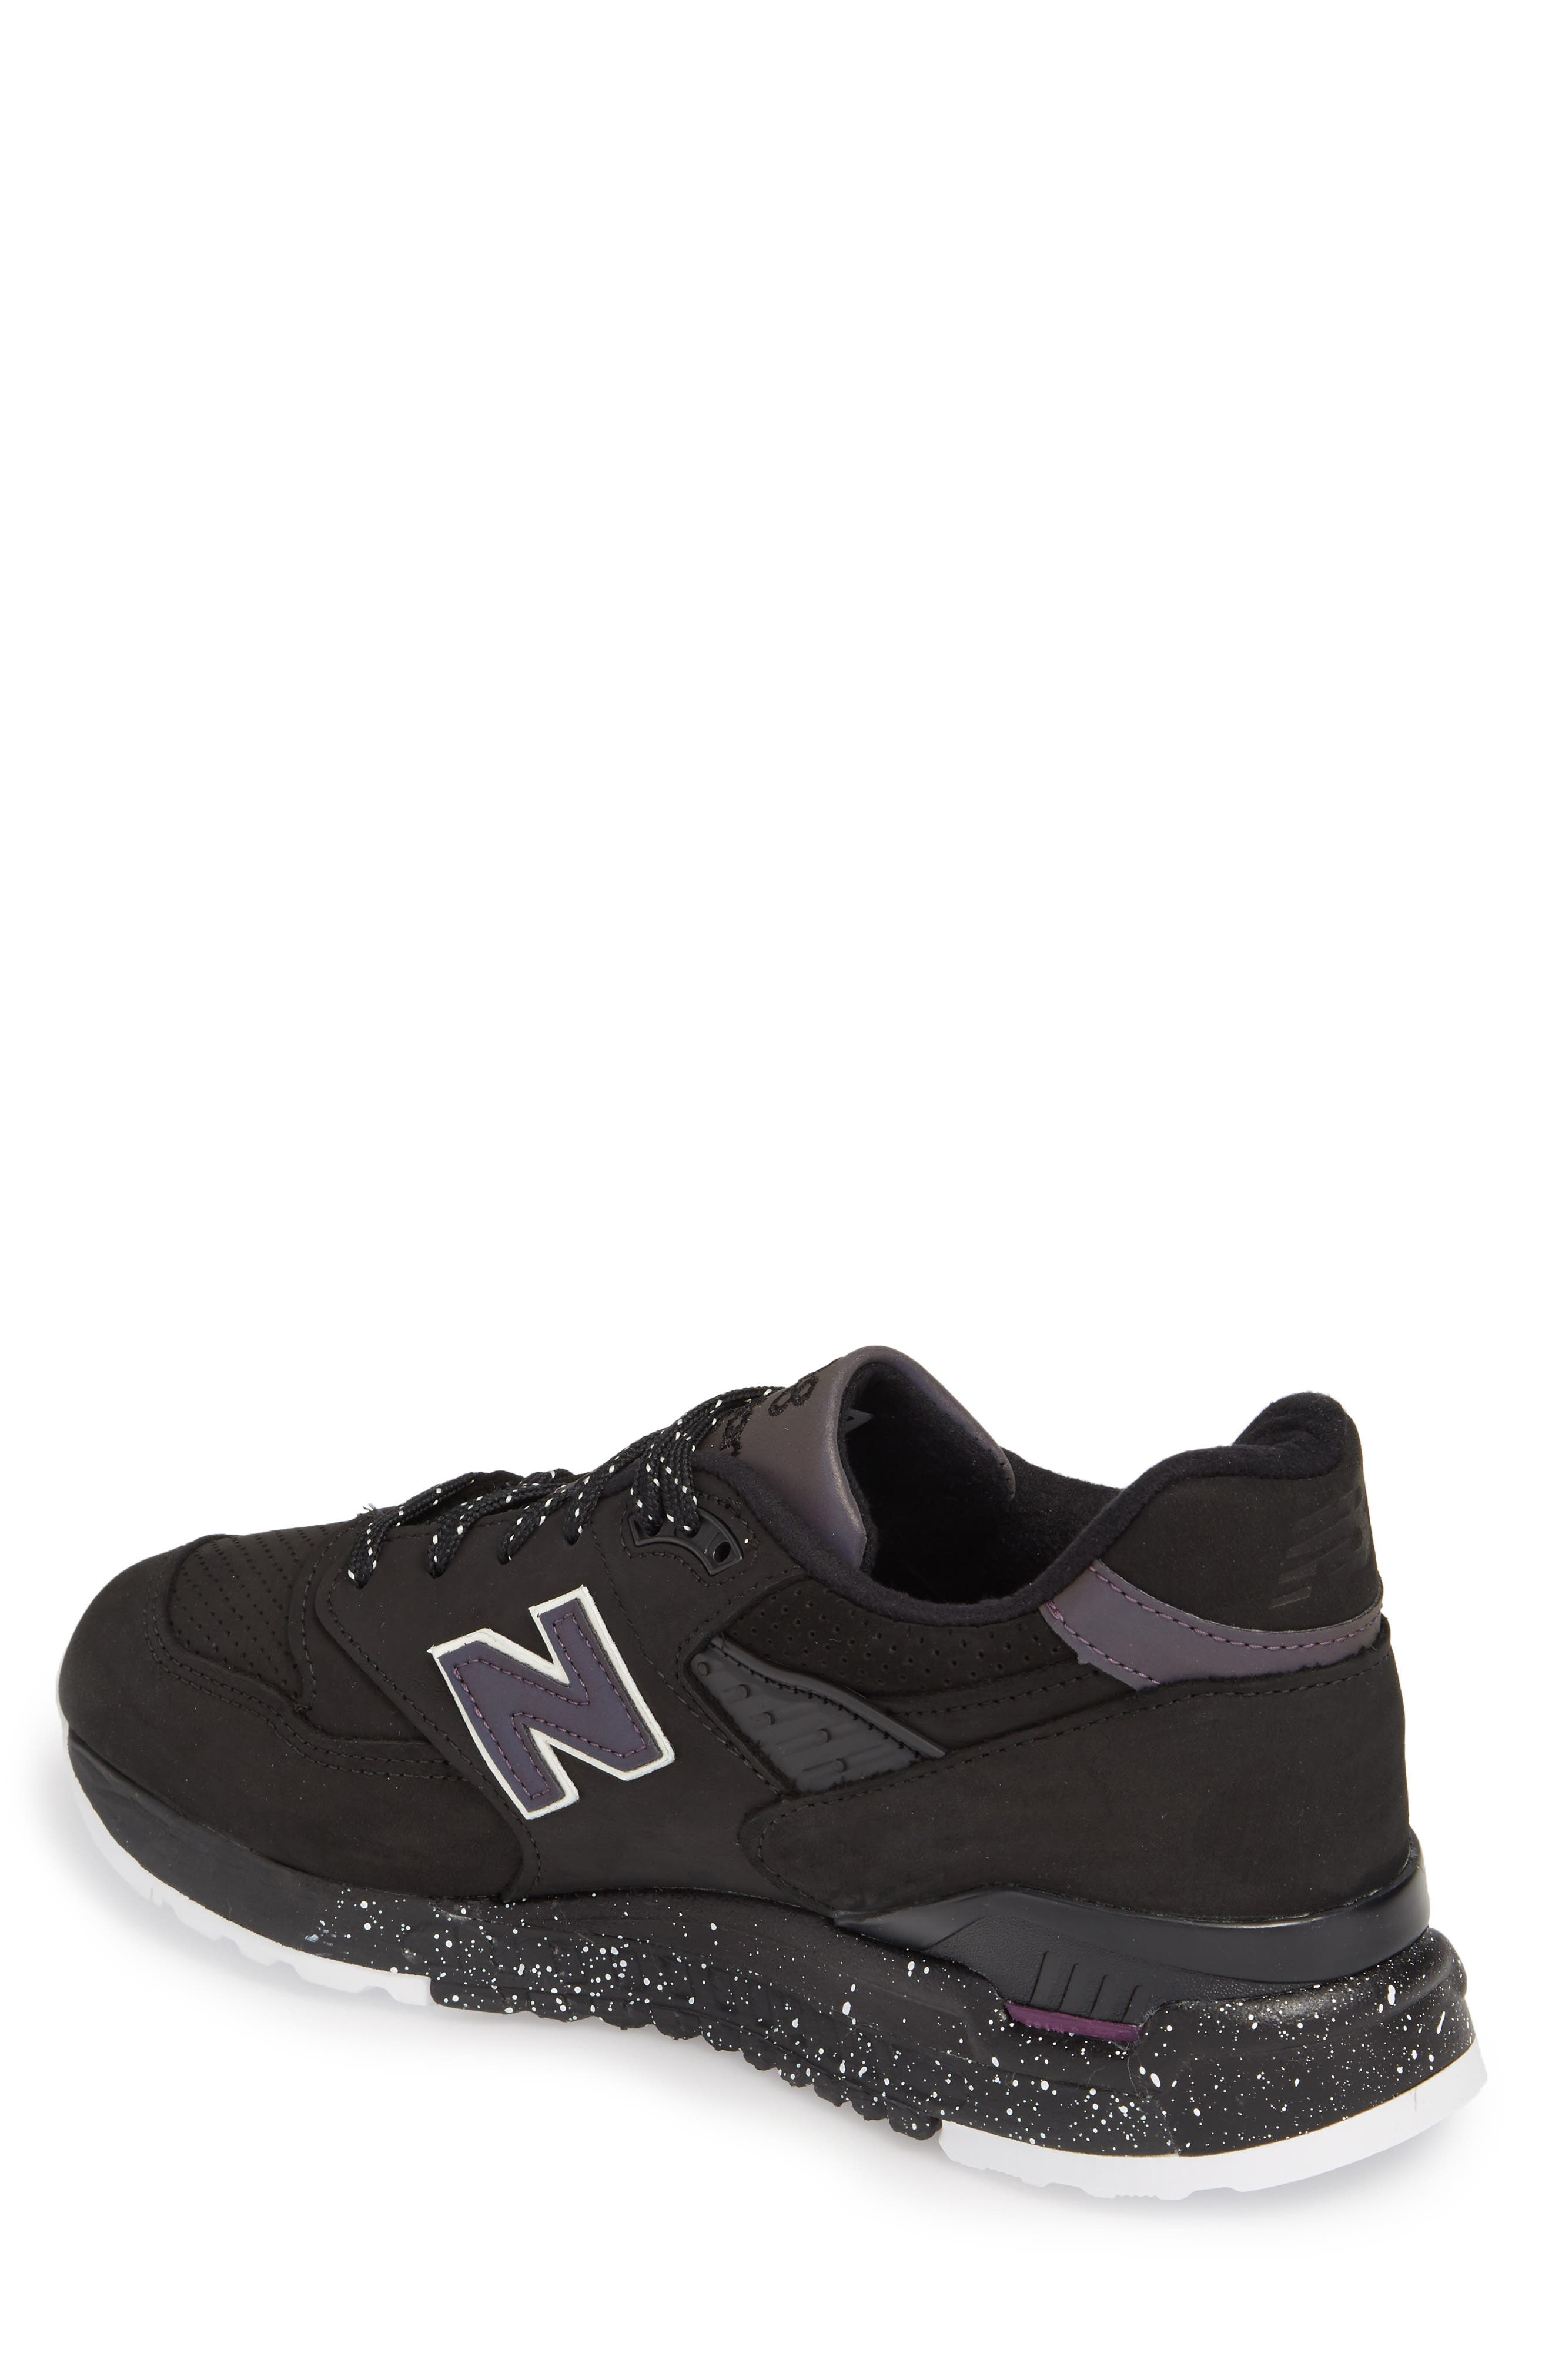 Alternate Image 2  - New Balance 998 Sneaker (Men)